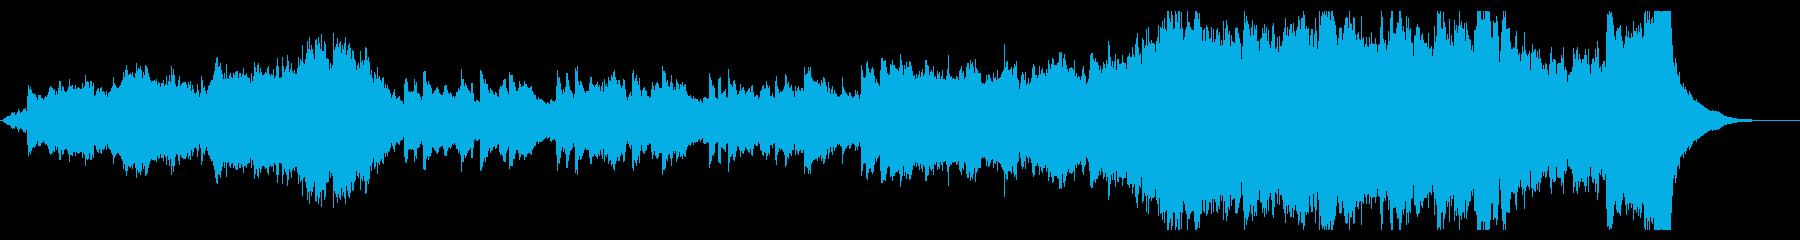 オーケストラとピアノのエンディング曲の再生済みの波形